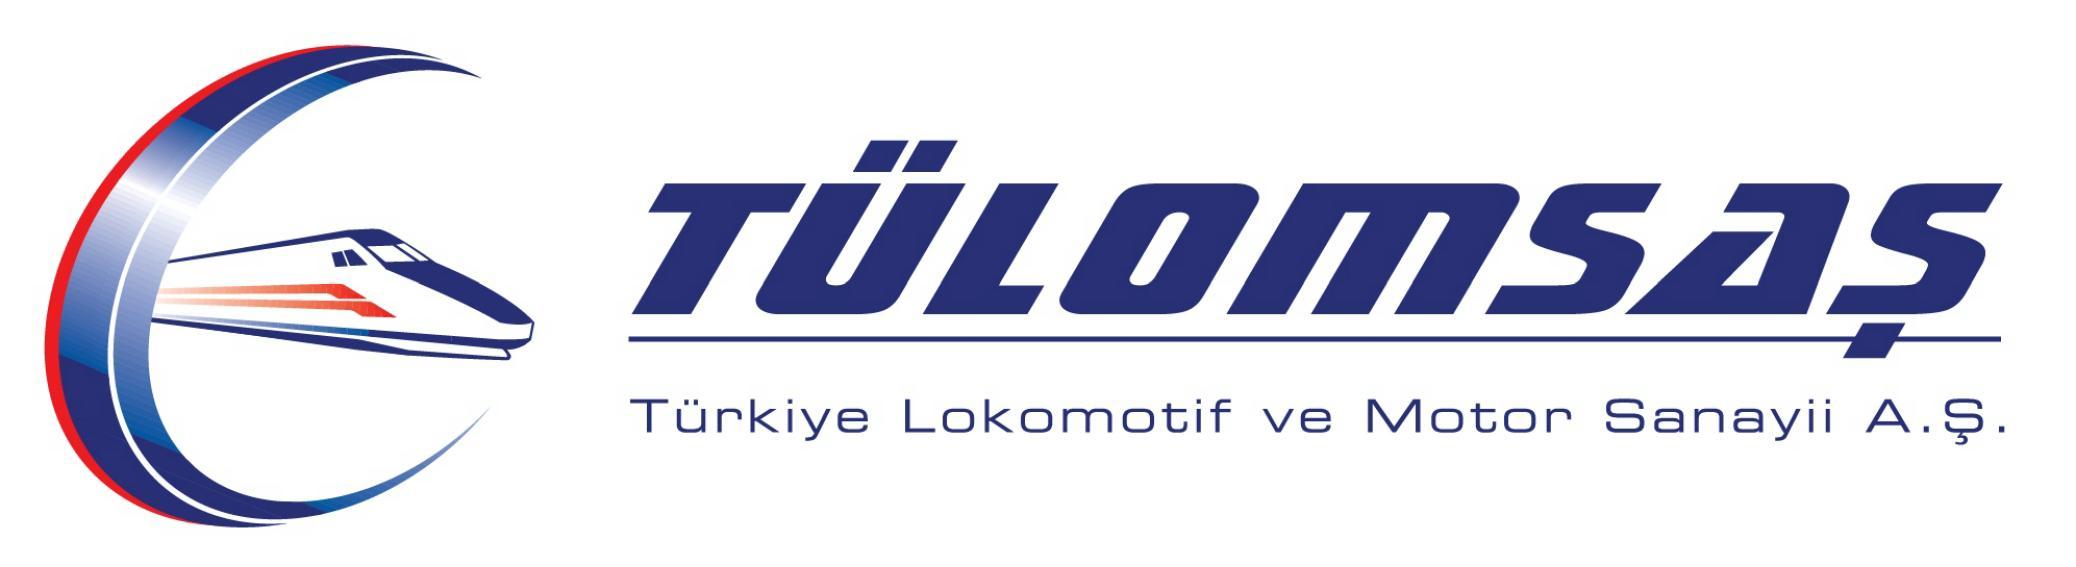 Tülomsaş   Türkiye Lokomotif ve Motor Sanayii A.Ş. Logo